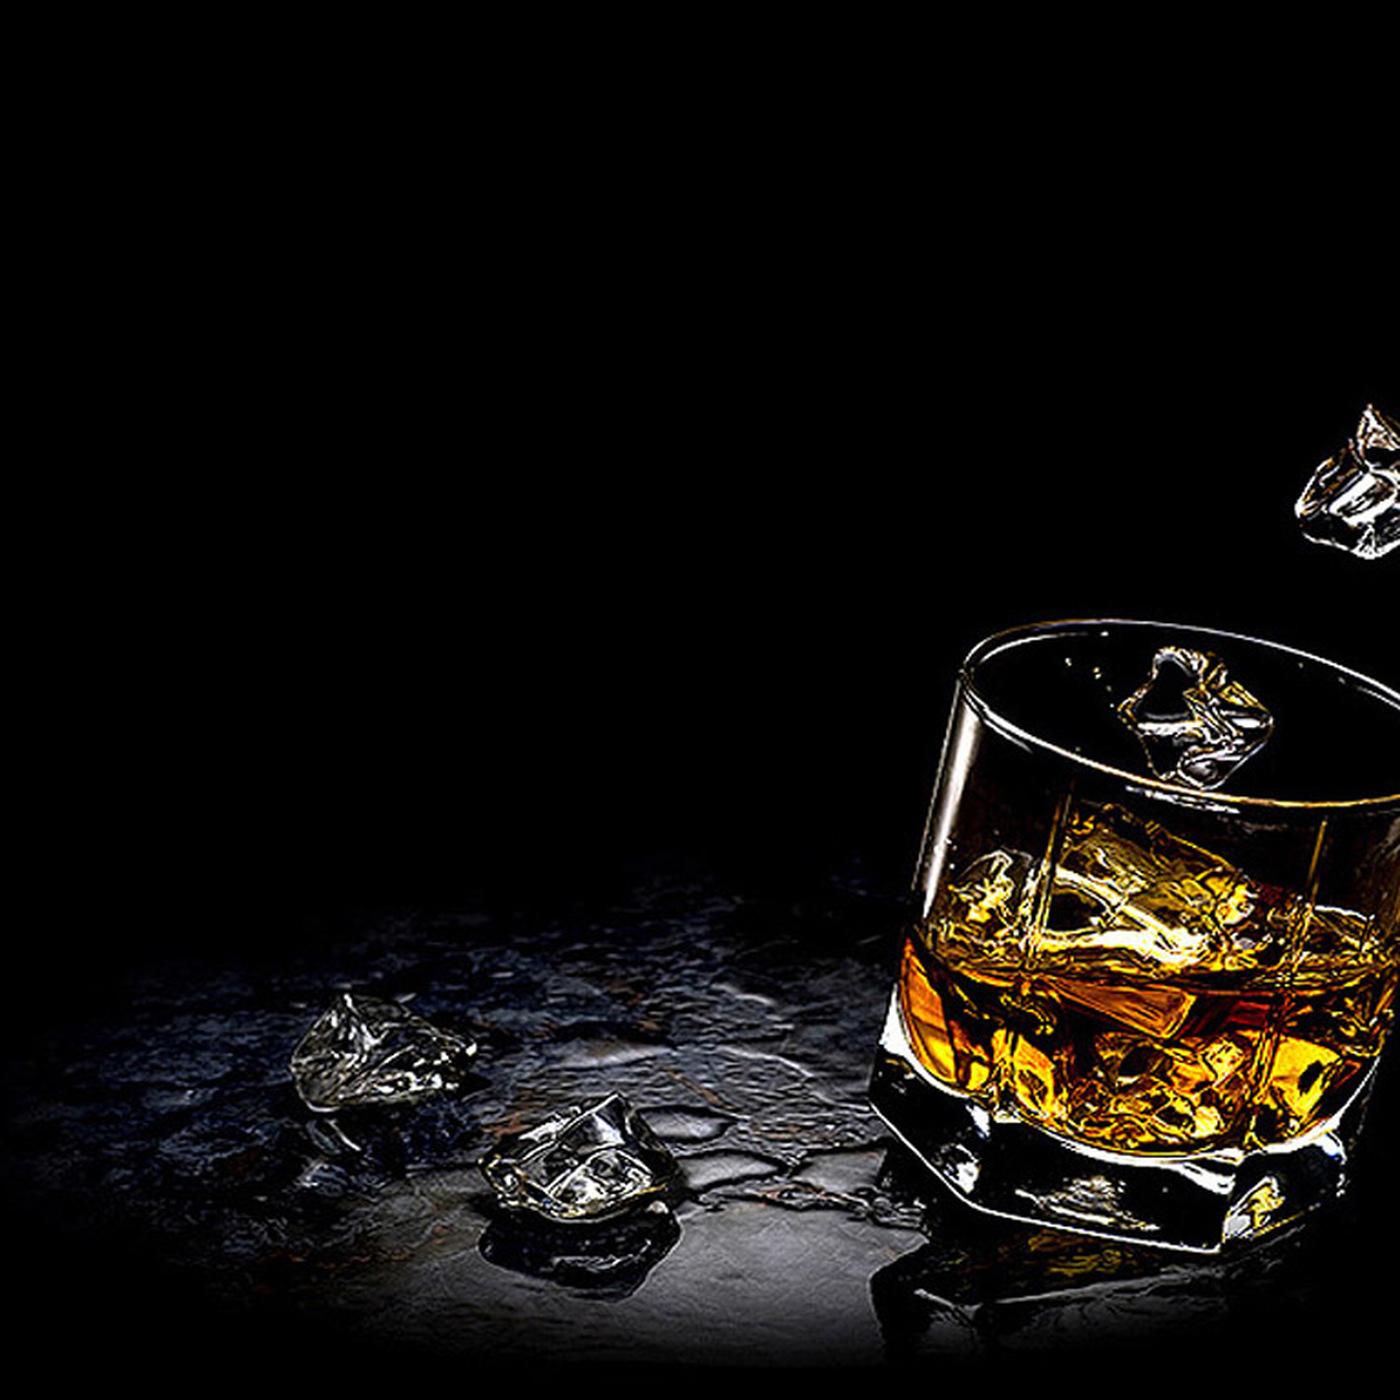 просеянную красивые картинки виски со льдом бизнесе кружки используются